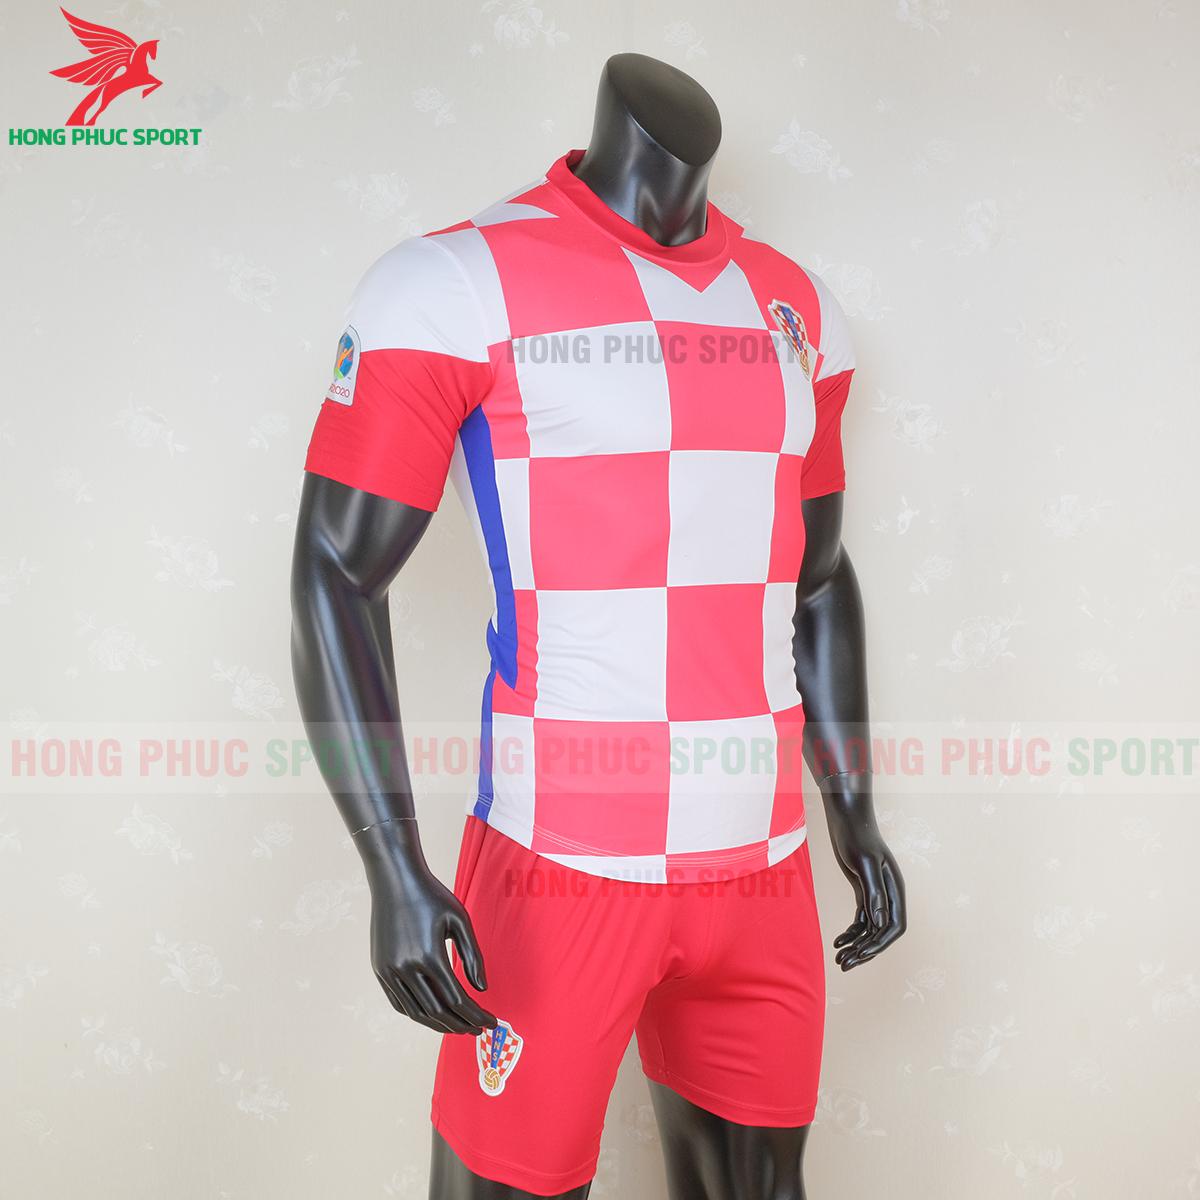 Áo đấu tuyển Croatia 2020 sân nhà 2 (phải)